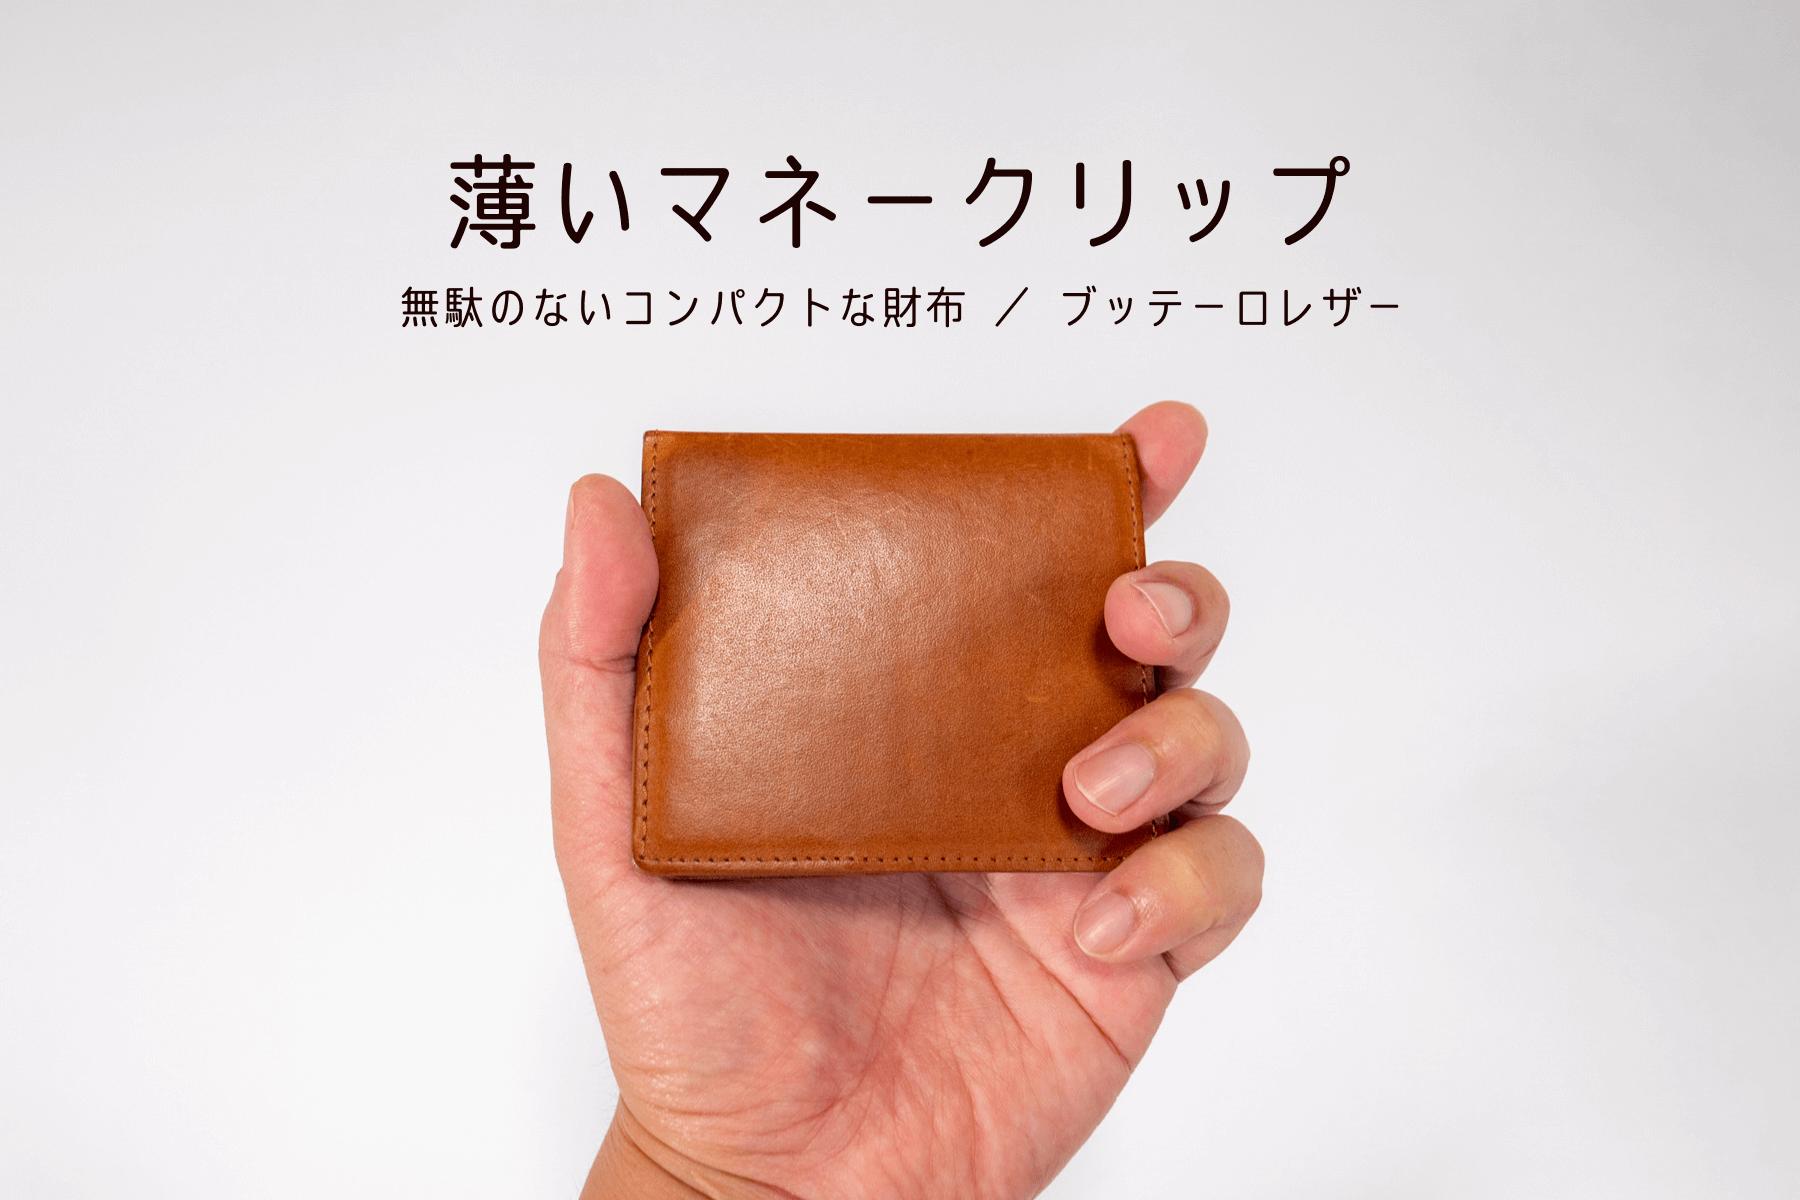 薄いマネークリップ長期使用レビュー。ミニマル財布の使用感、ブッテーロレザーの経年の様子を紹介